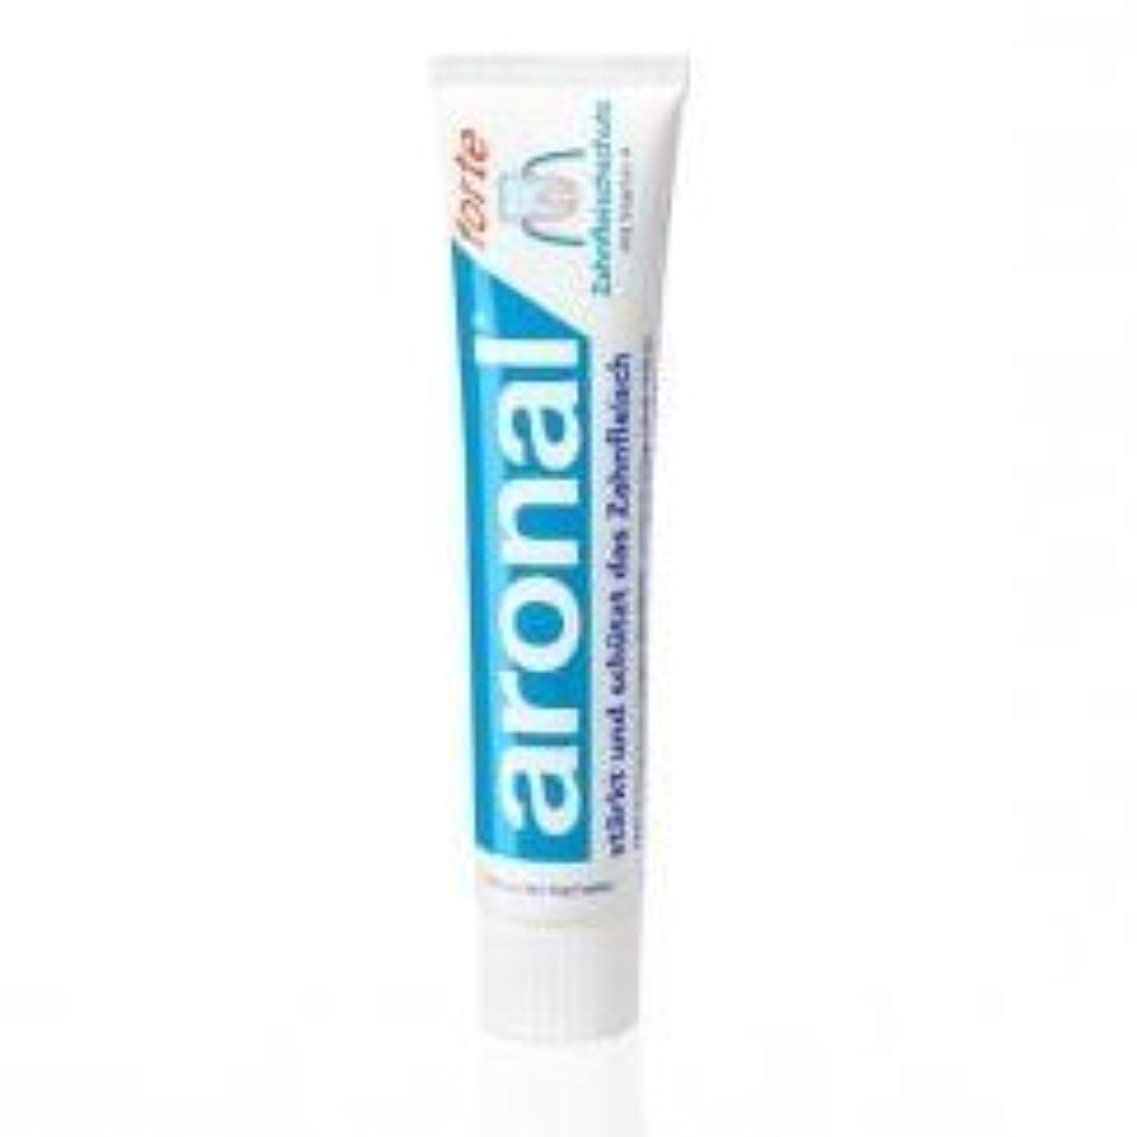 アレルギーヨーロッパ恩赦アロナール(ビタミンA配合) 歯磨き粉 75ml x 1Pack (elmex aronal toothpaste 75ml) 【並行輸入品】